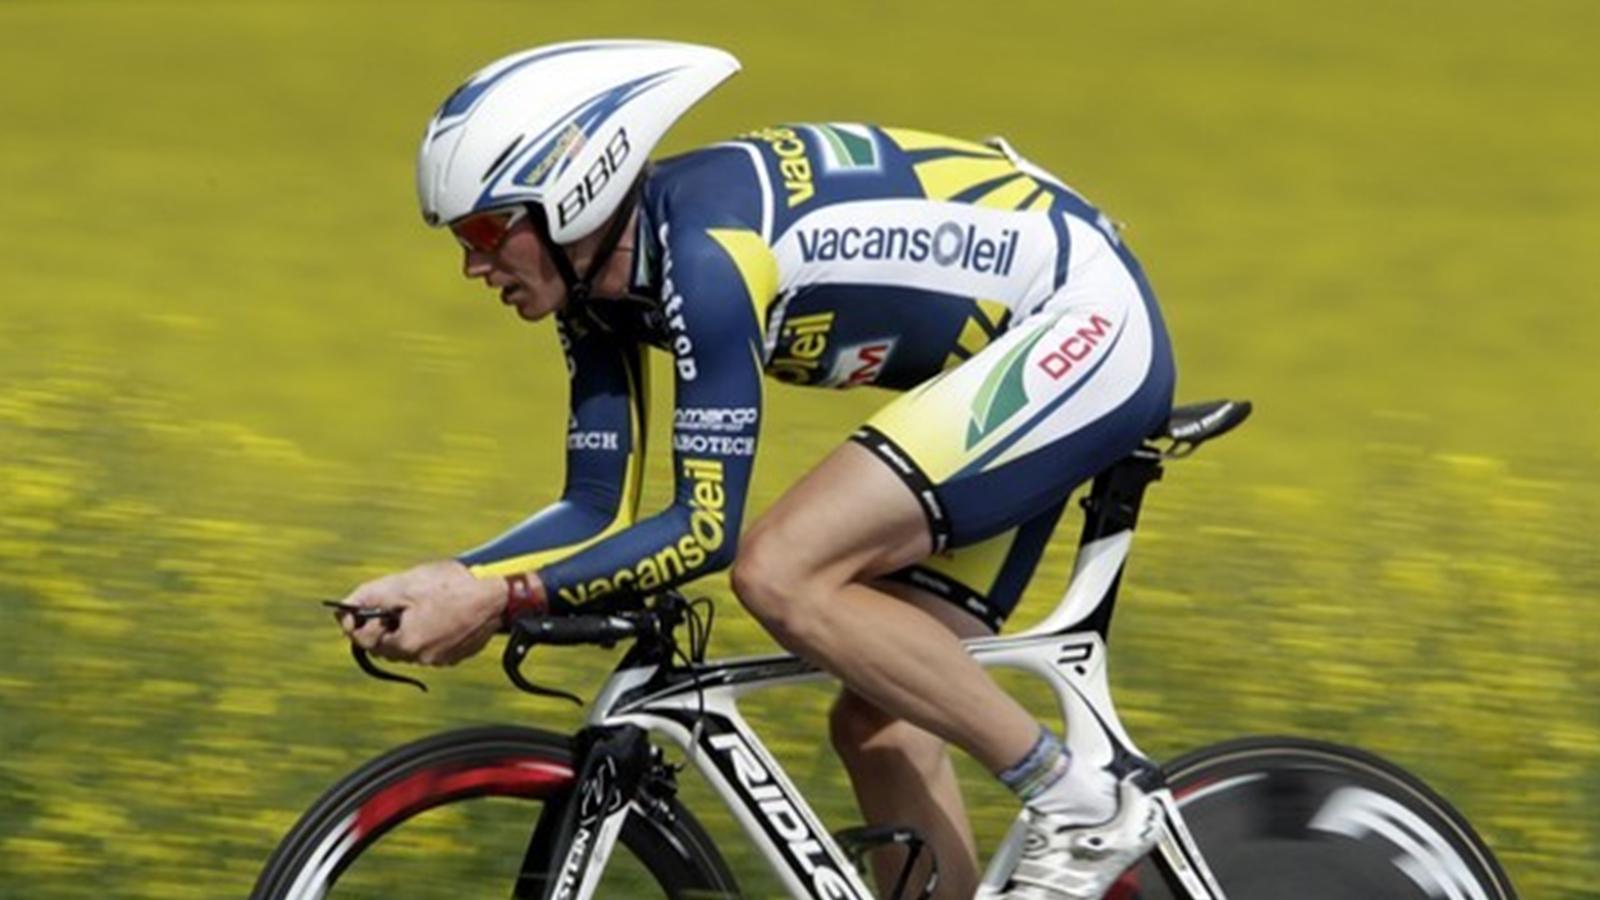 Westra devance gilbert tour de belgique 2005 cyclisme for Chambre de partenariat euro afrique de belgique